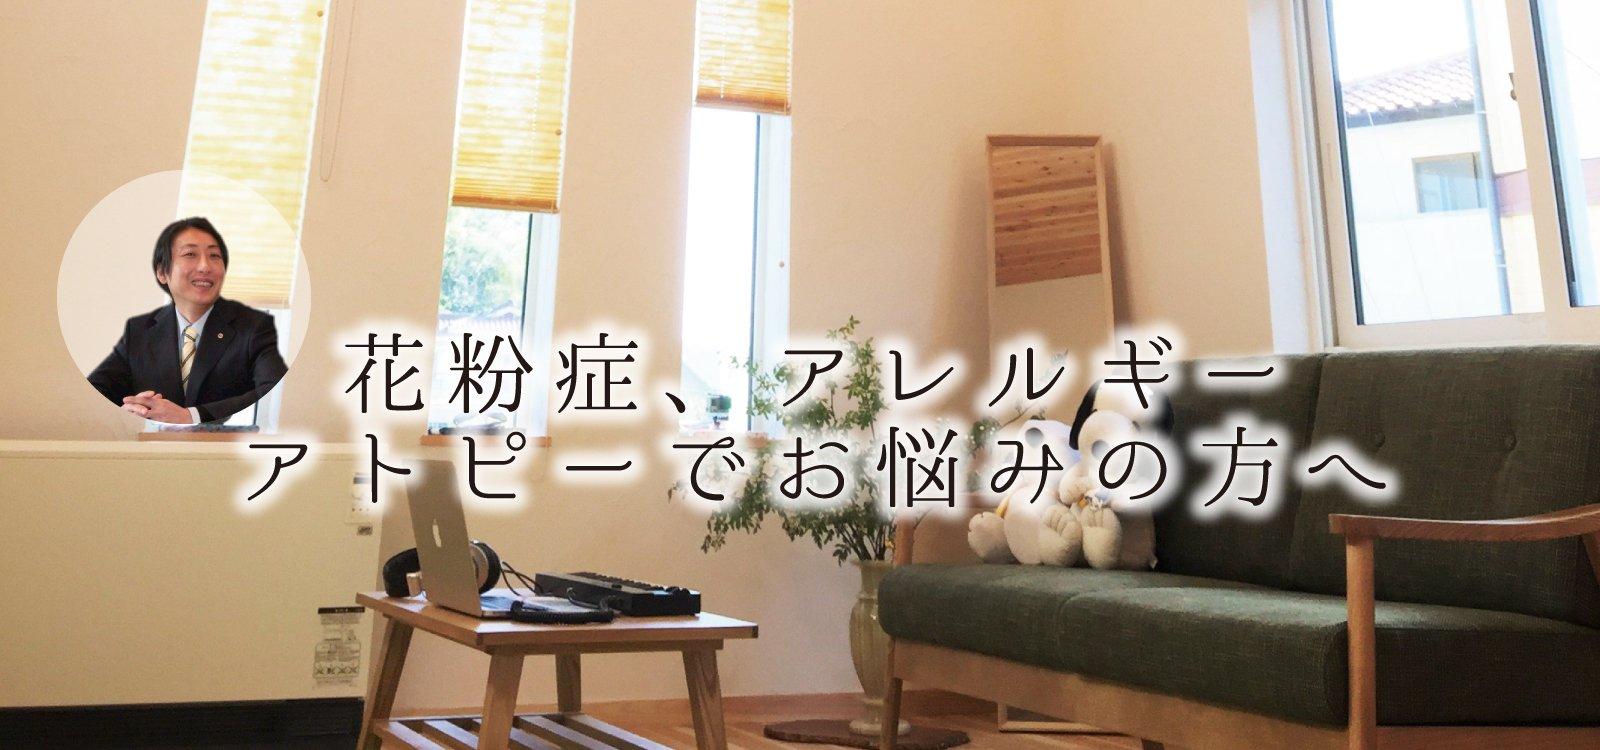 山口県の注文住宅・新築リフォーム土地情報|一乗建設